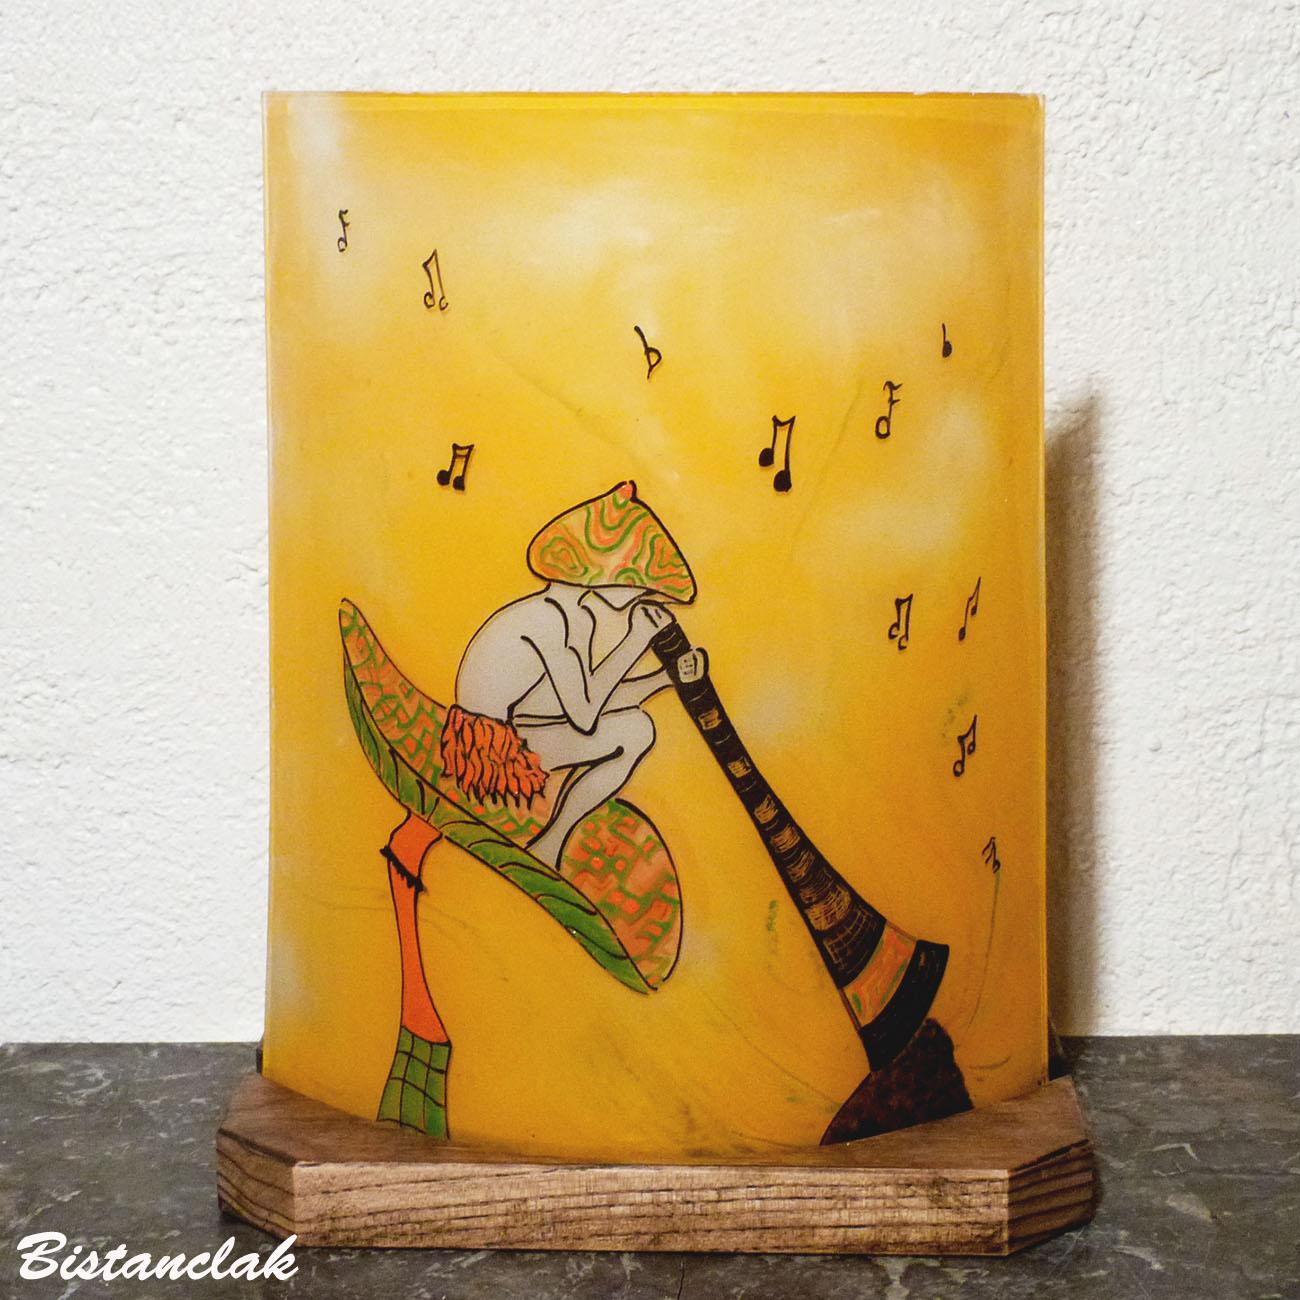 Lampe decorative fantaisie orange et verte au dessin d un lutin joueur de didjeridoo